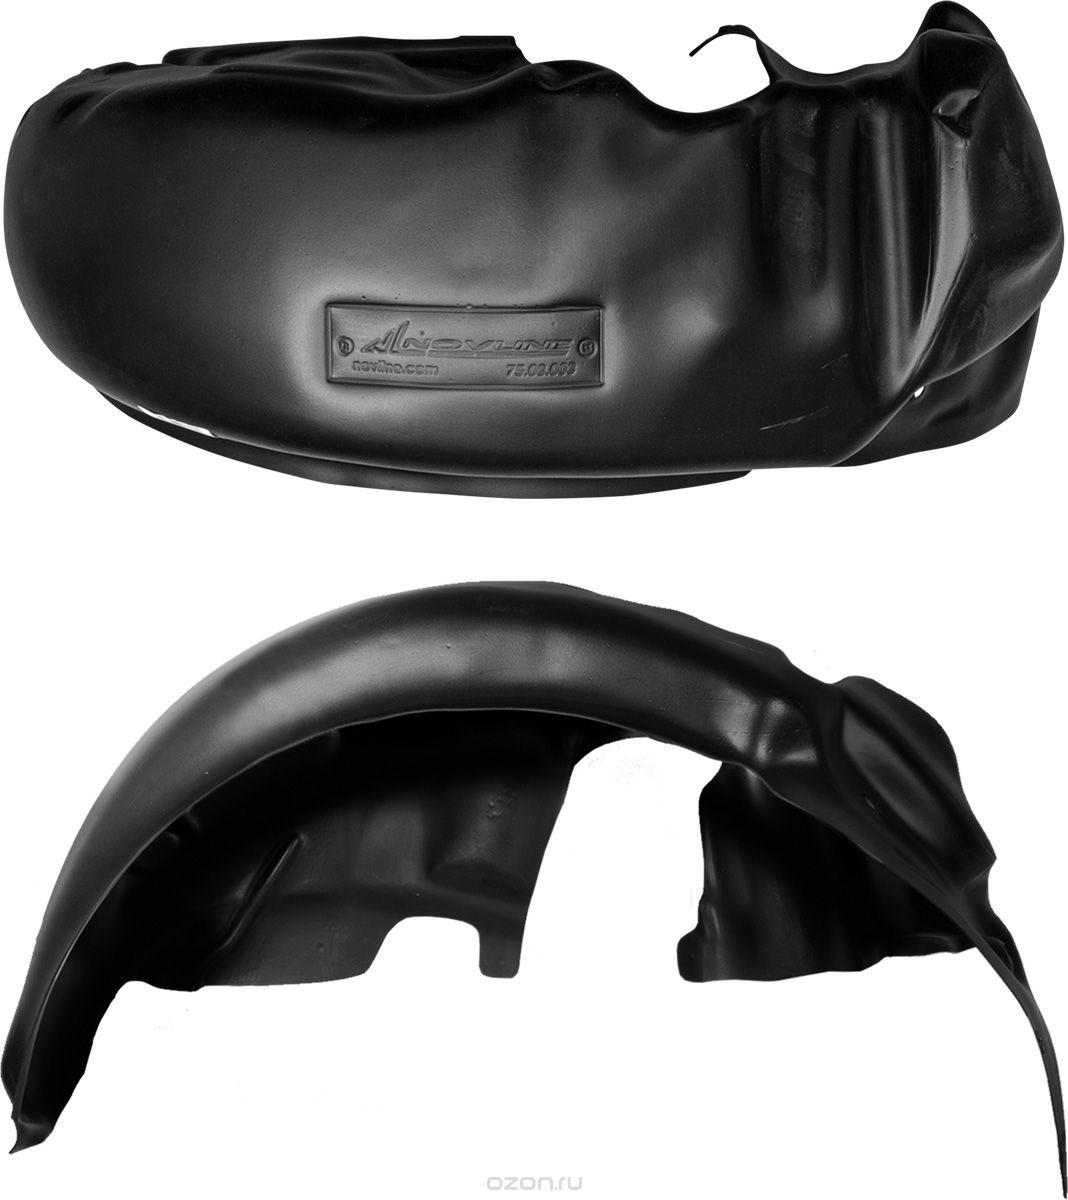 Подкрылок Novline-Autofamily, для Fiat Ducato, 08/2014->, с расширителями арок, передний правыйNLL.15.21.002Идеальная защита колесной ниши. Локеры разработаны с применением цифровых технологий, гарантируют максимальную повторяемость поверхности арки. Изделия устанавливаются без нарушения лакокрасочного покрытия автомобиля, каждый подкрылок комплектуется крепежом. Уважаемые клиенты, обращаем ваше внимание, что фотографии на подкрылки универсальные и не отражают реальную форму изделия. При этом само изделие идет точно под размер указанного автомобиля.